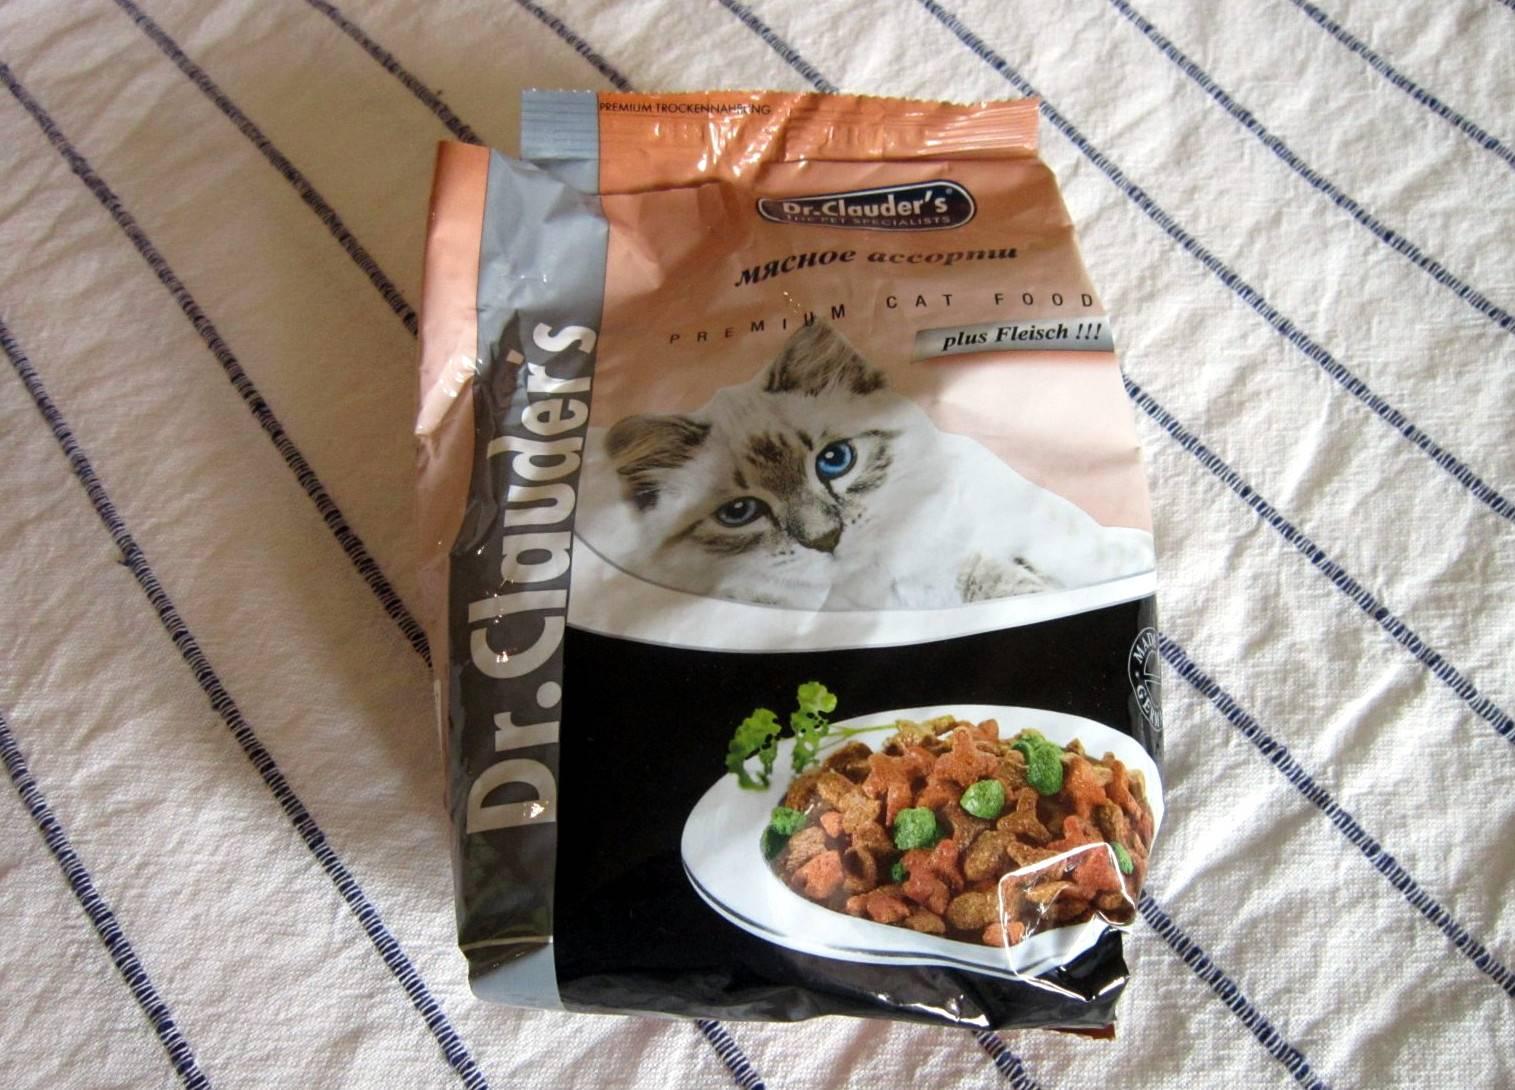 Корм для кошек dr сlauder's: отзывы и разбор состава - петобзор